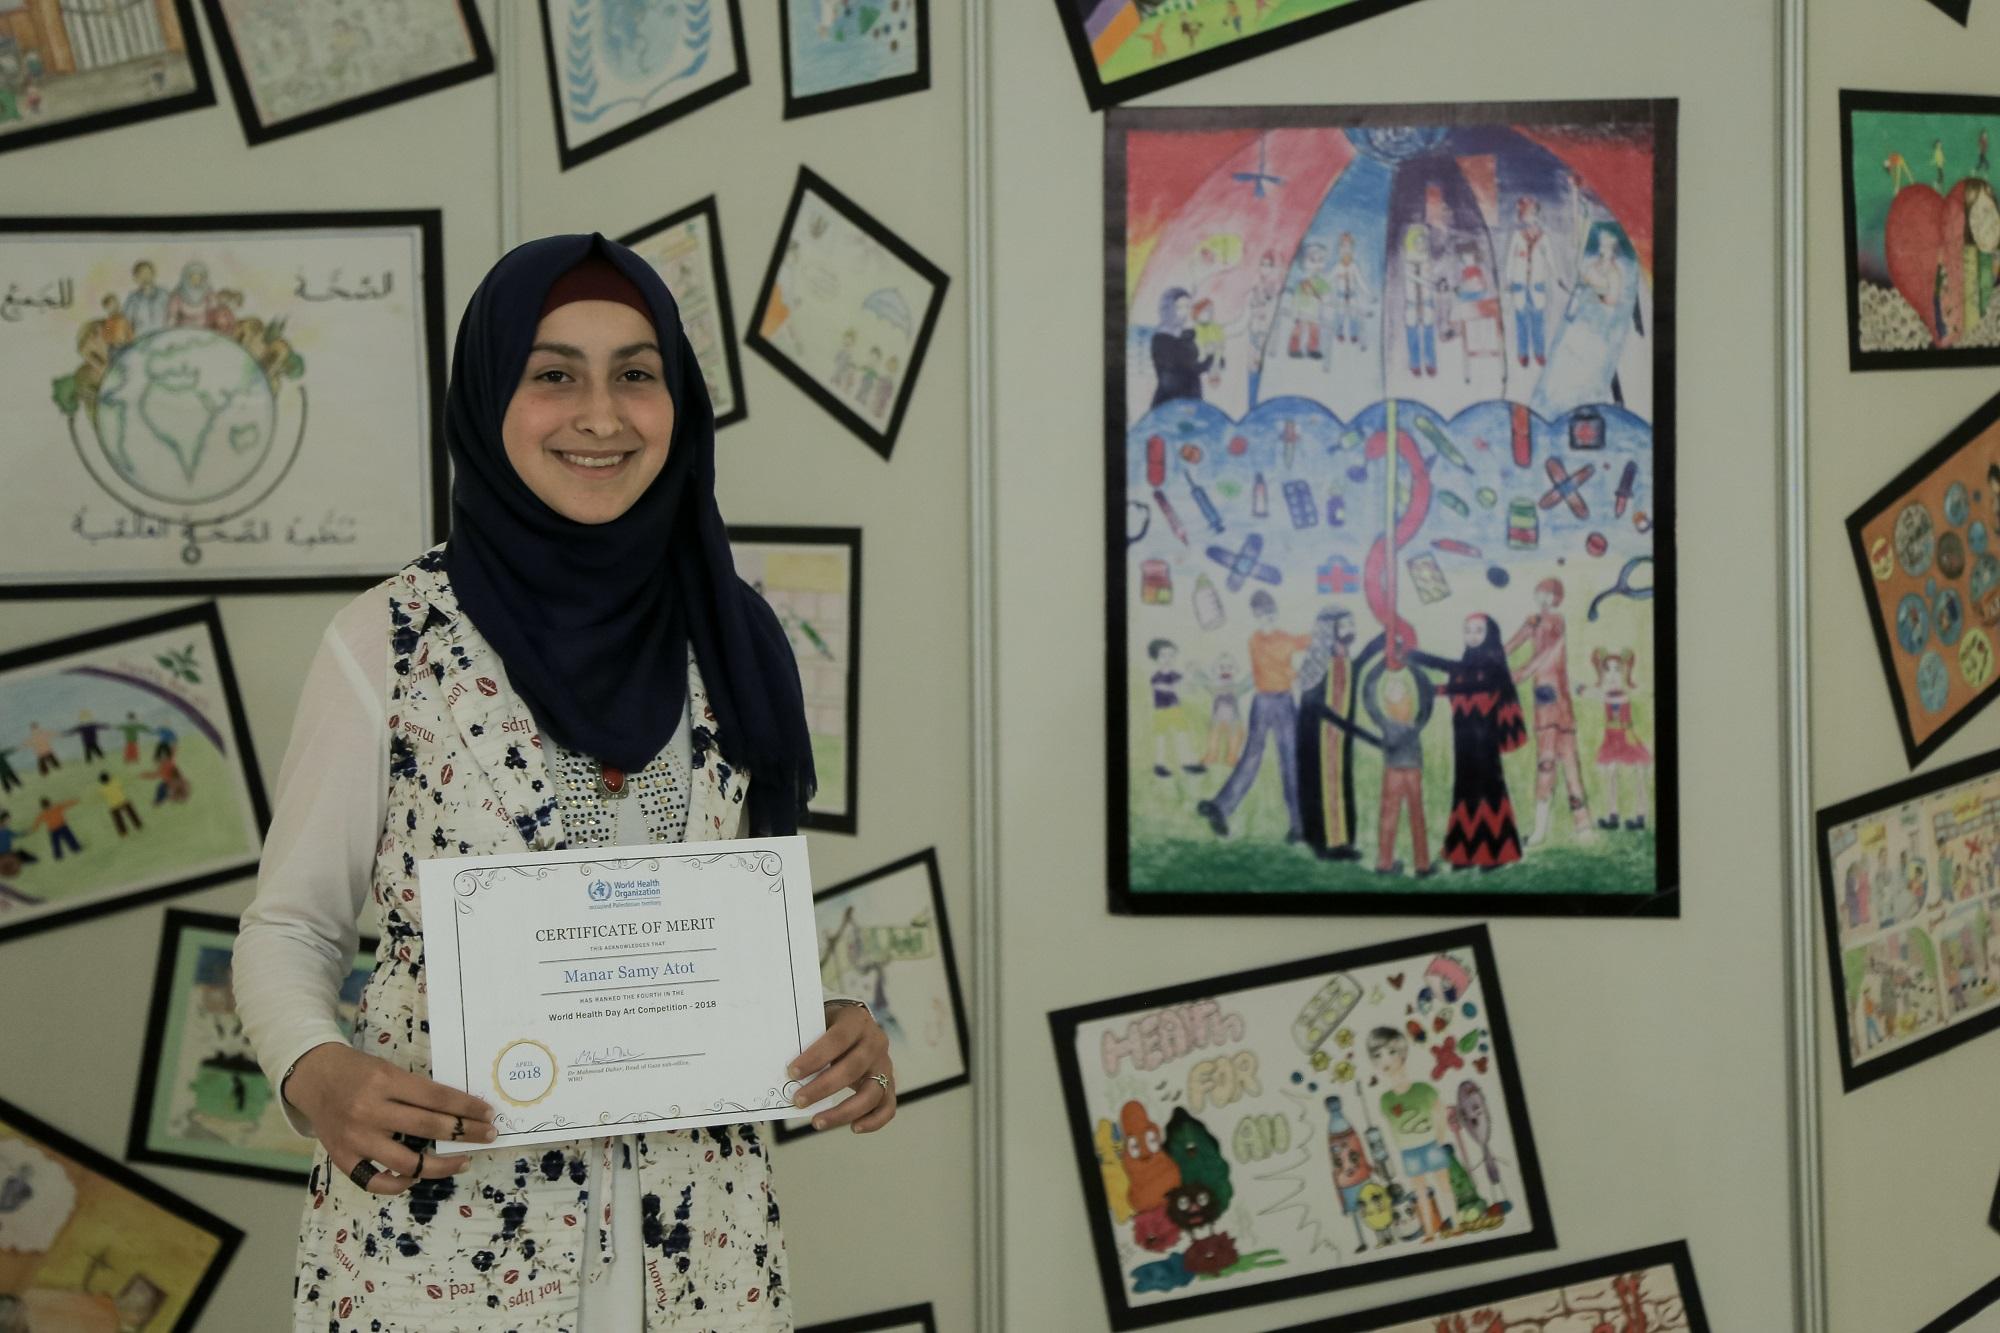 """منار سامي عطوط، 14 عام، طالبة في مدرسة رفح الإعدادية للبنات """"د""""، تحمل شهادة الاستحقاق وإلى جانبها لوحتها الفائزة خلال الحفل الختامي لمسابقة الرسم المنظمة من قبل منظمة الصحة العالمية الذي نظم في مركز رشاد الشوا في مدينة غزة. جميع الحقوق محفوظة: الأونروا غز"""